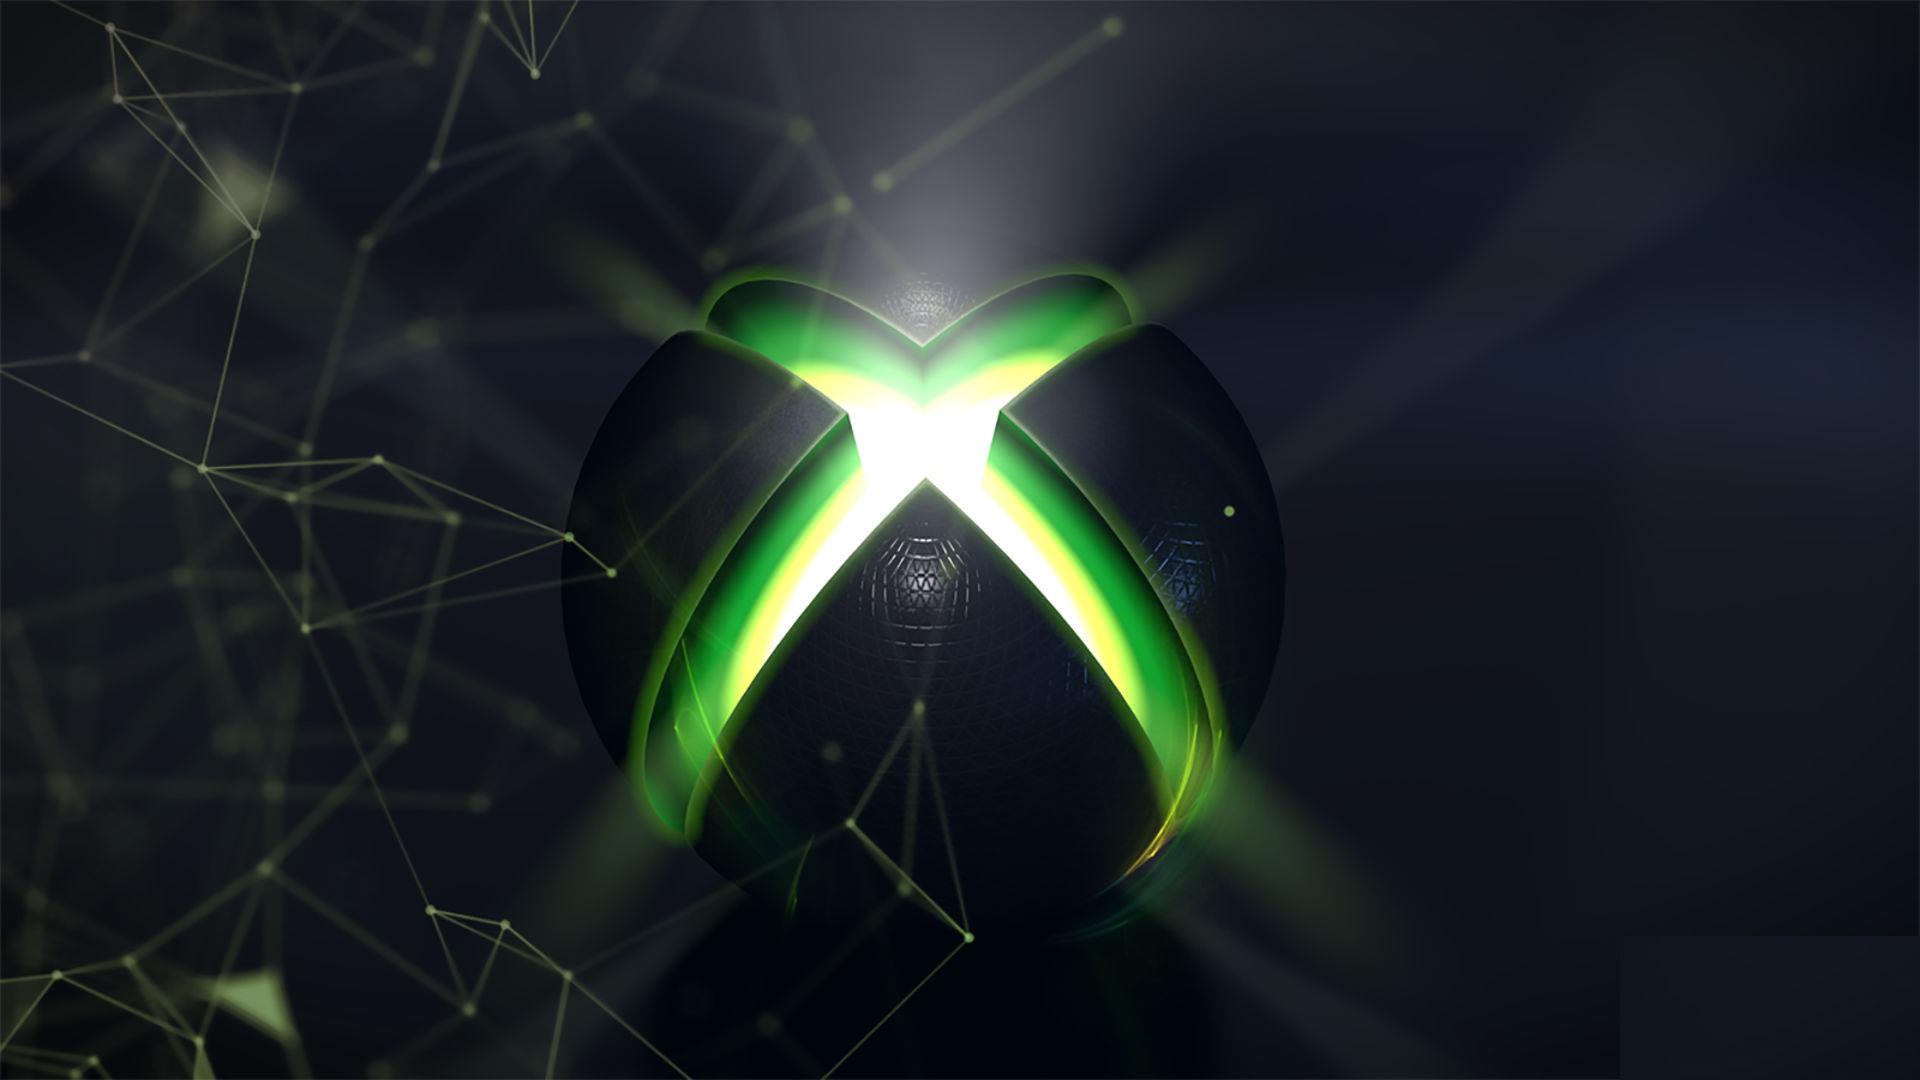 La nuova Xbox arriva nel 2020 con grafica 8K e archiviazione SSD